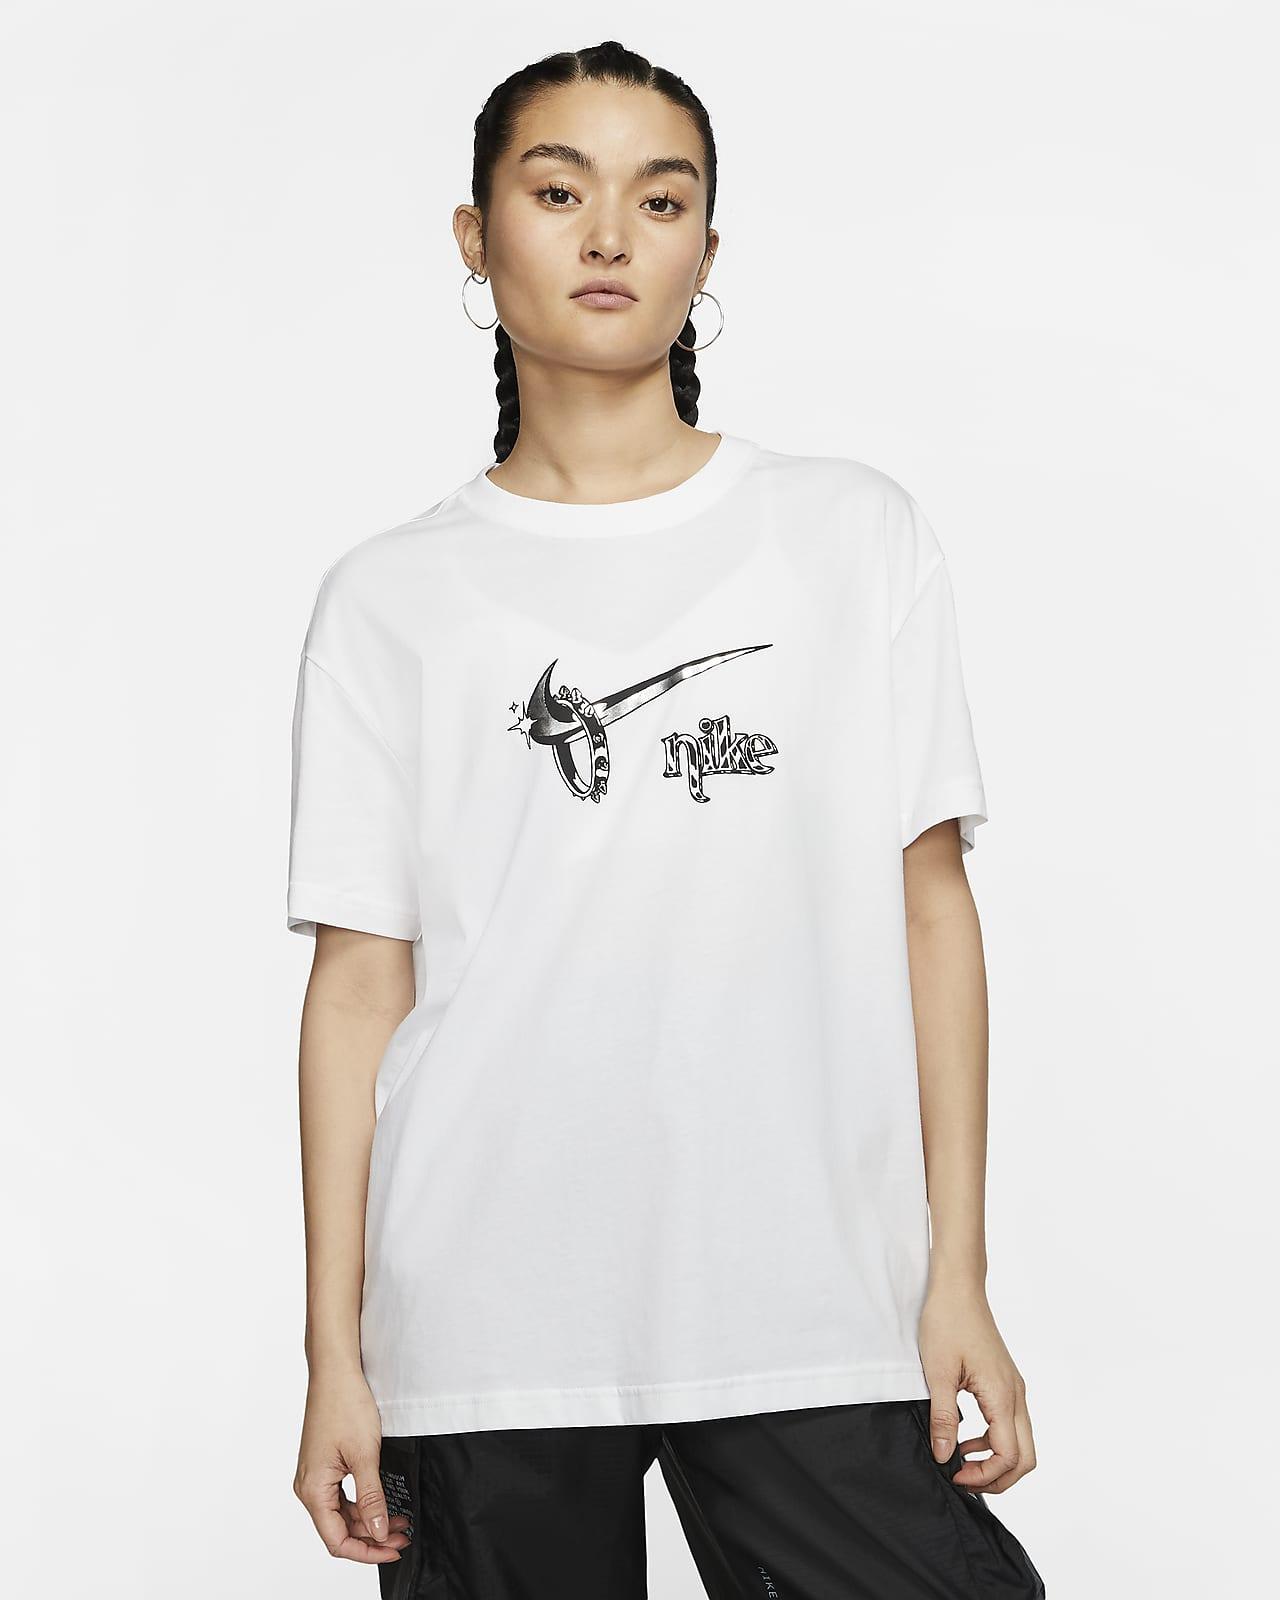 ナイキ スポーツウェア ウィメンズ ボーイフレンド フィット Tシャツ